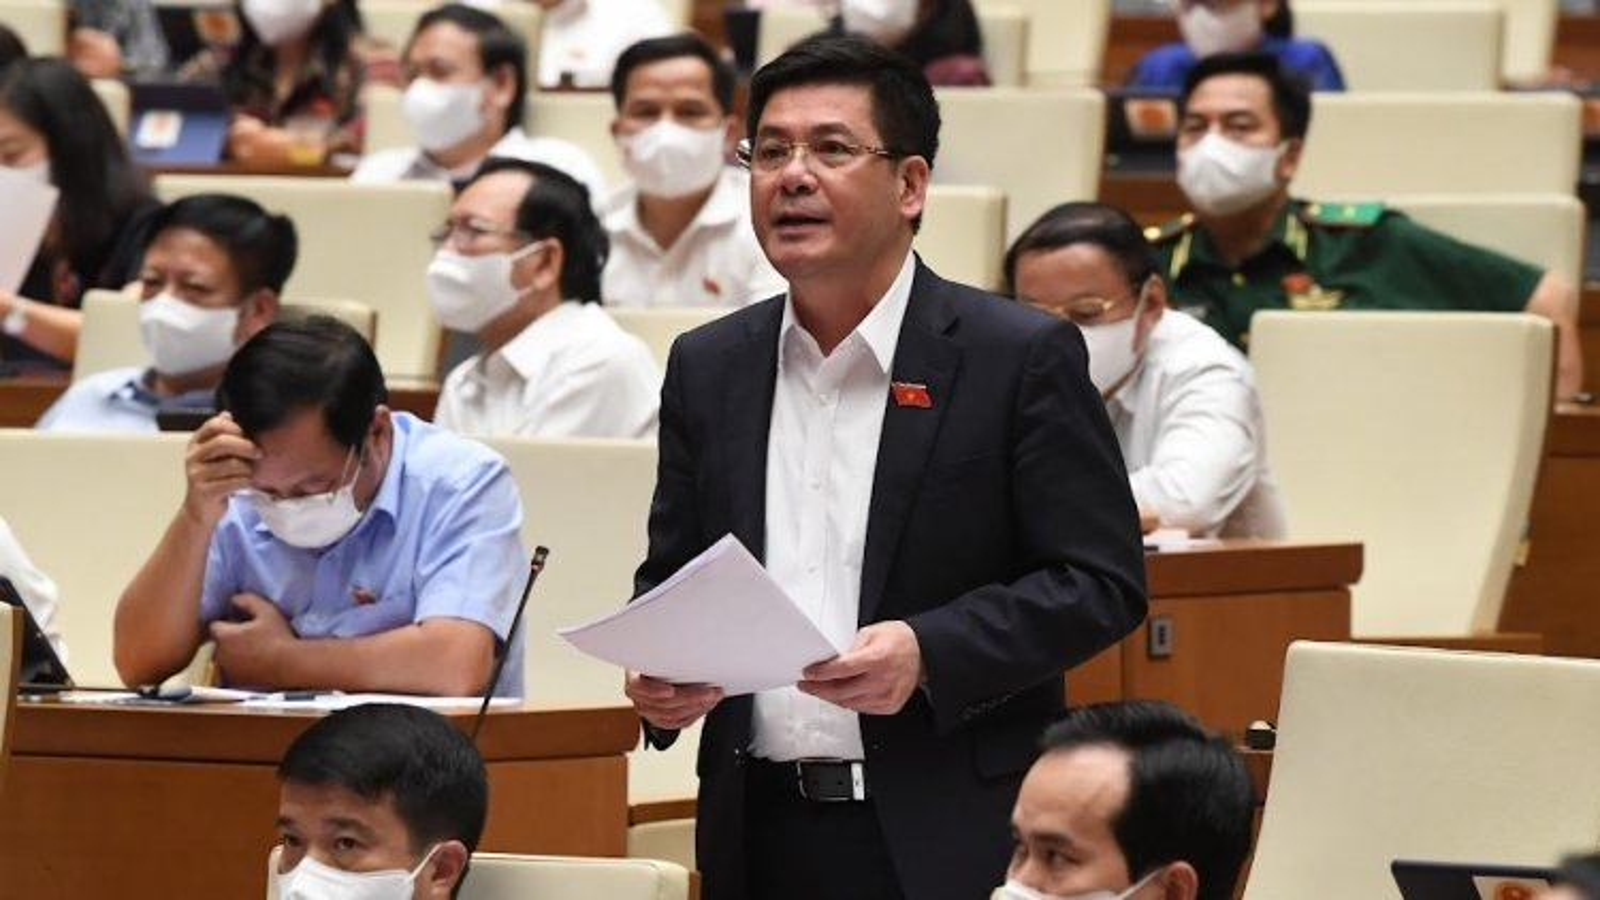 Bộ trưởng Bộ Công Thương: Sớm giải cứu dự án thua lỗ, không để mất thêm người, thêm tiền